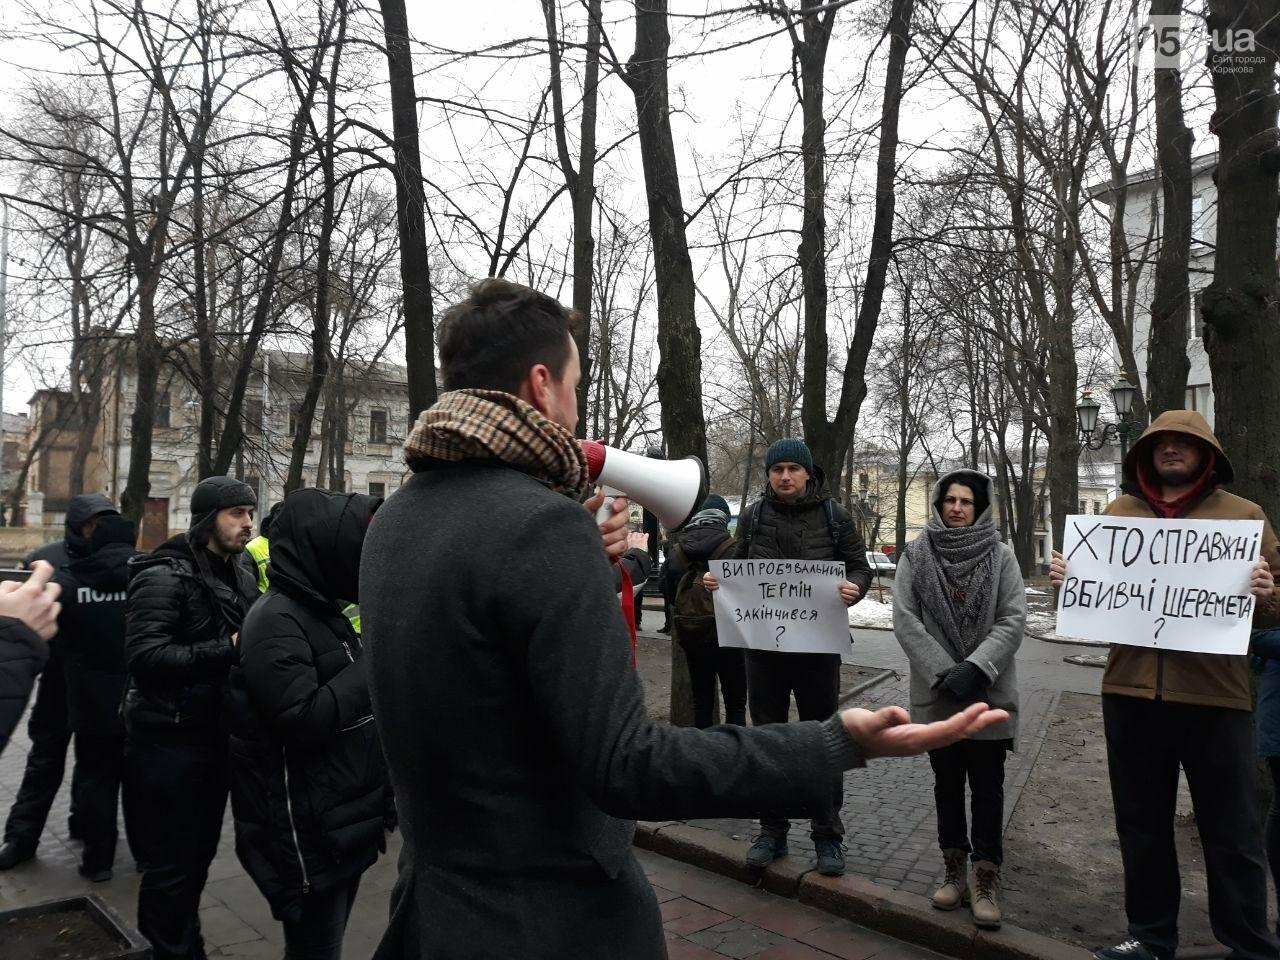 «Авакова в отставку»: в Харькове протестовали против главы МВД, - ФОТО, фото-2